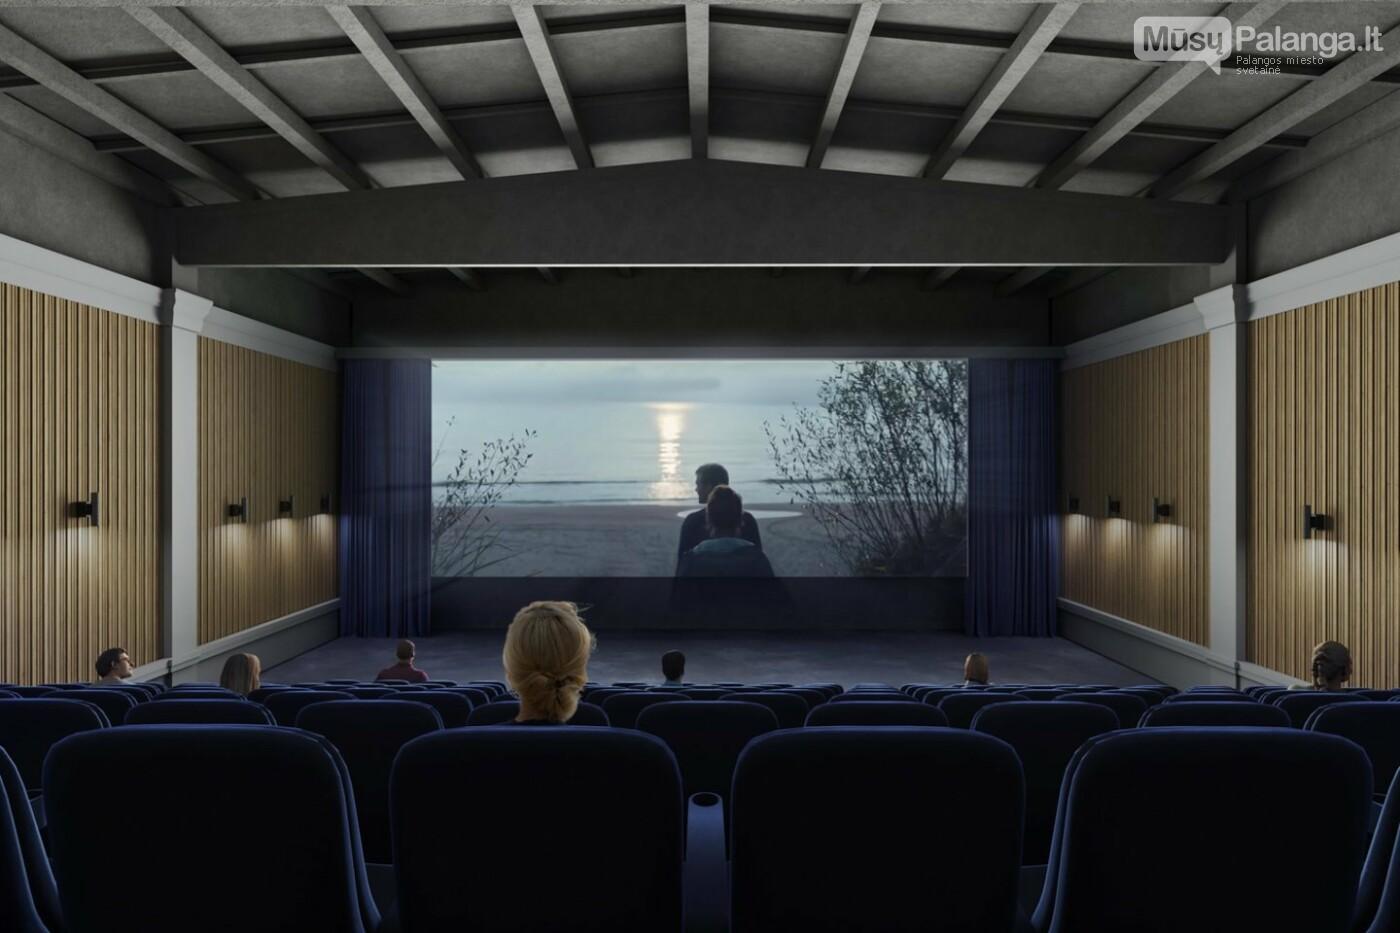 Valdiškų tarnybų išbrokuotą legendinio kino teatro projektą architektai Palangai tiesiog padovanojo , nuotrauka-4